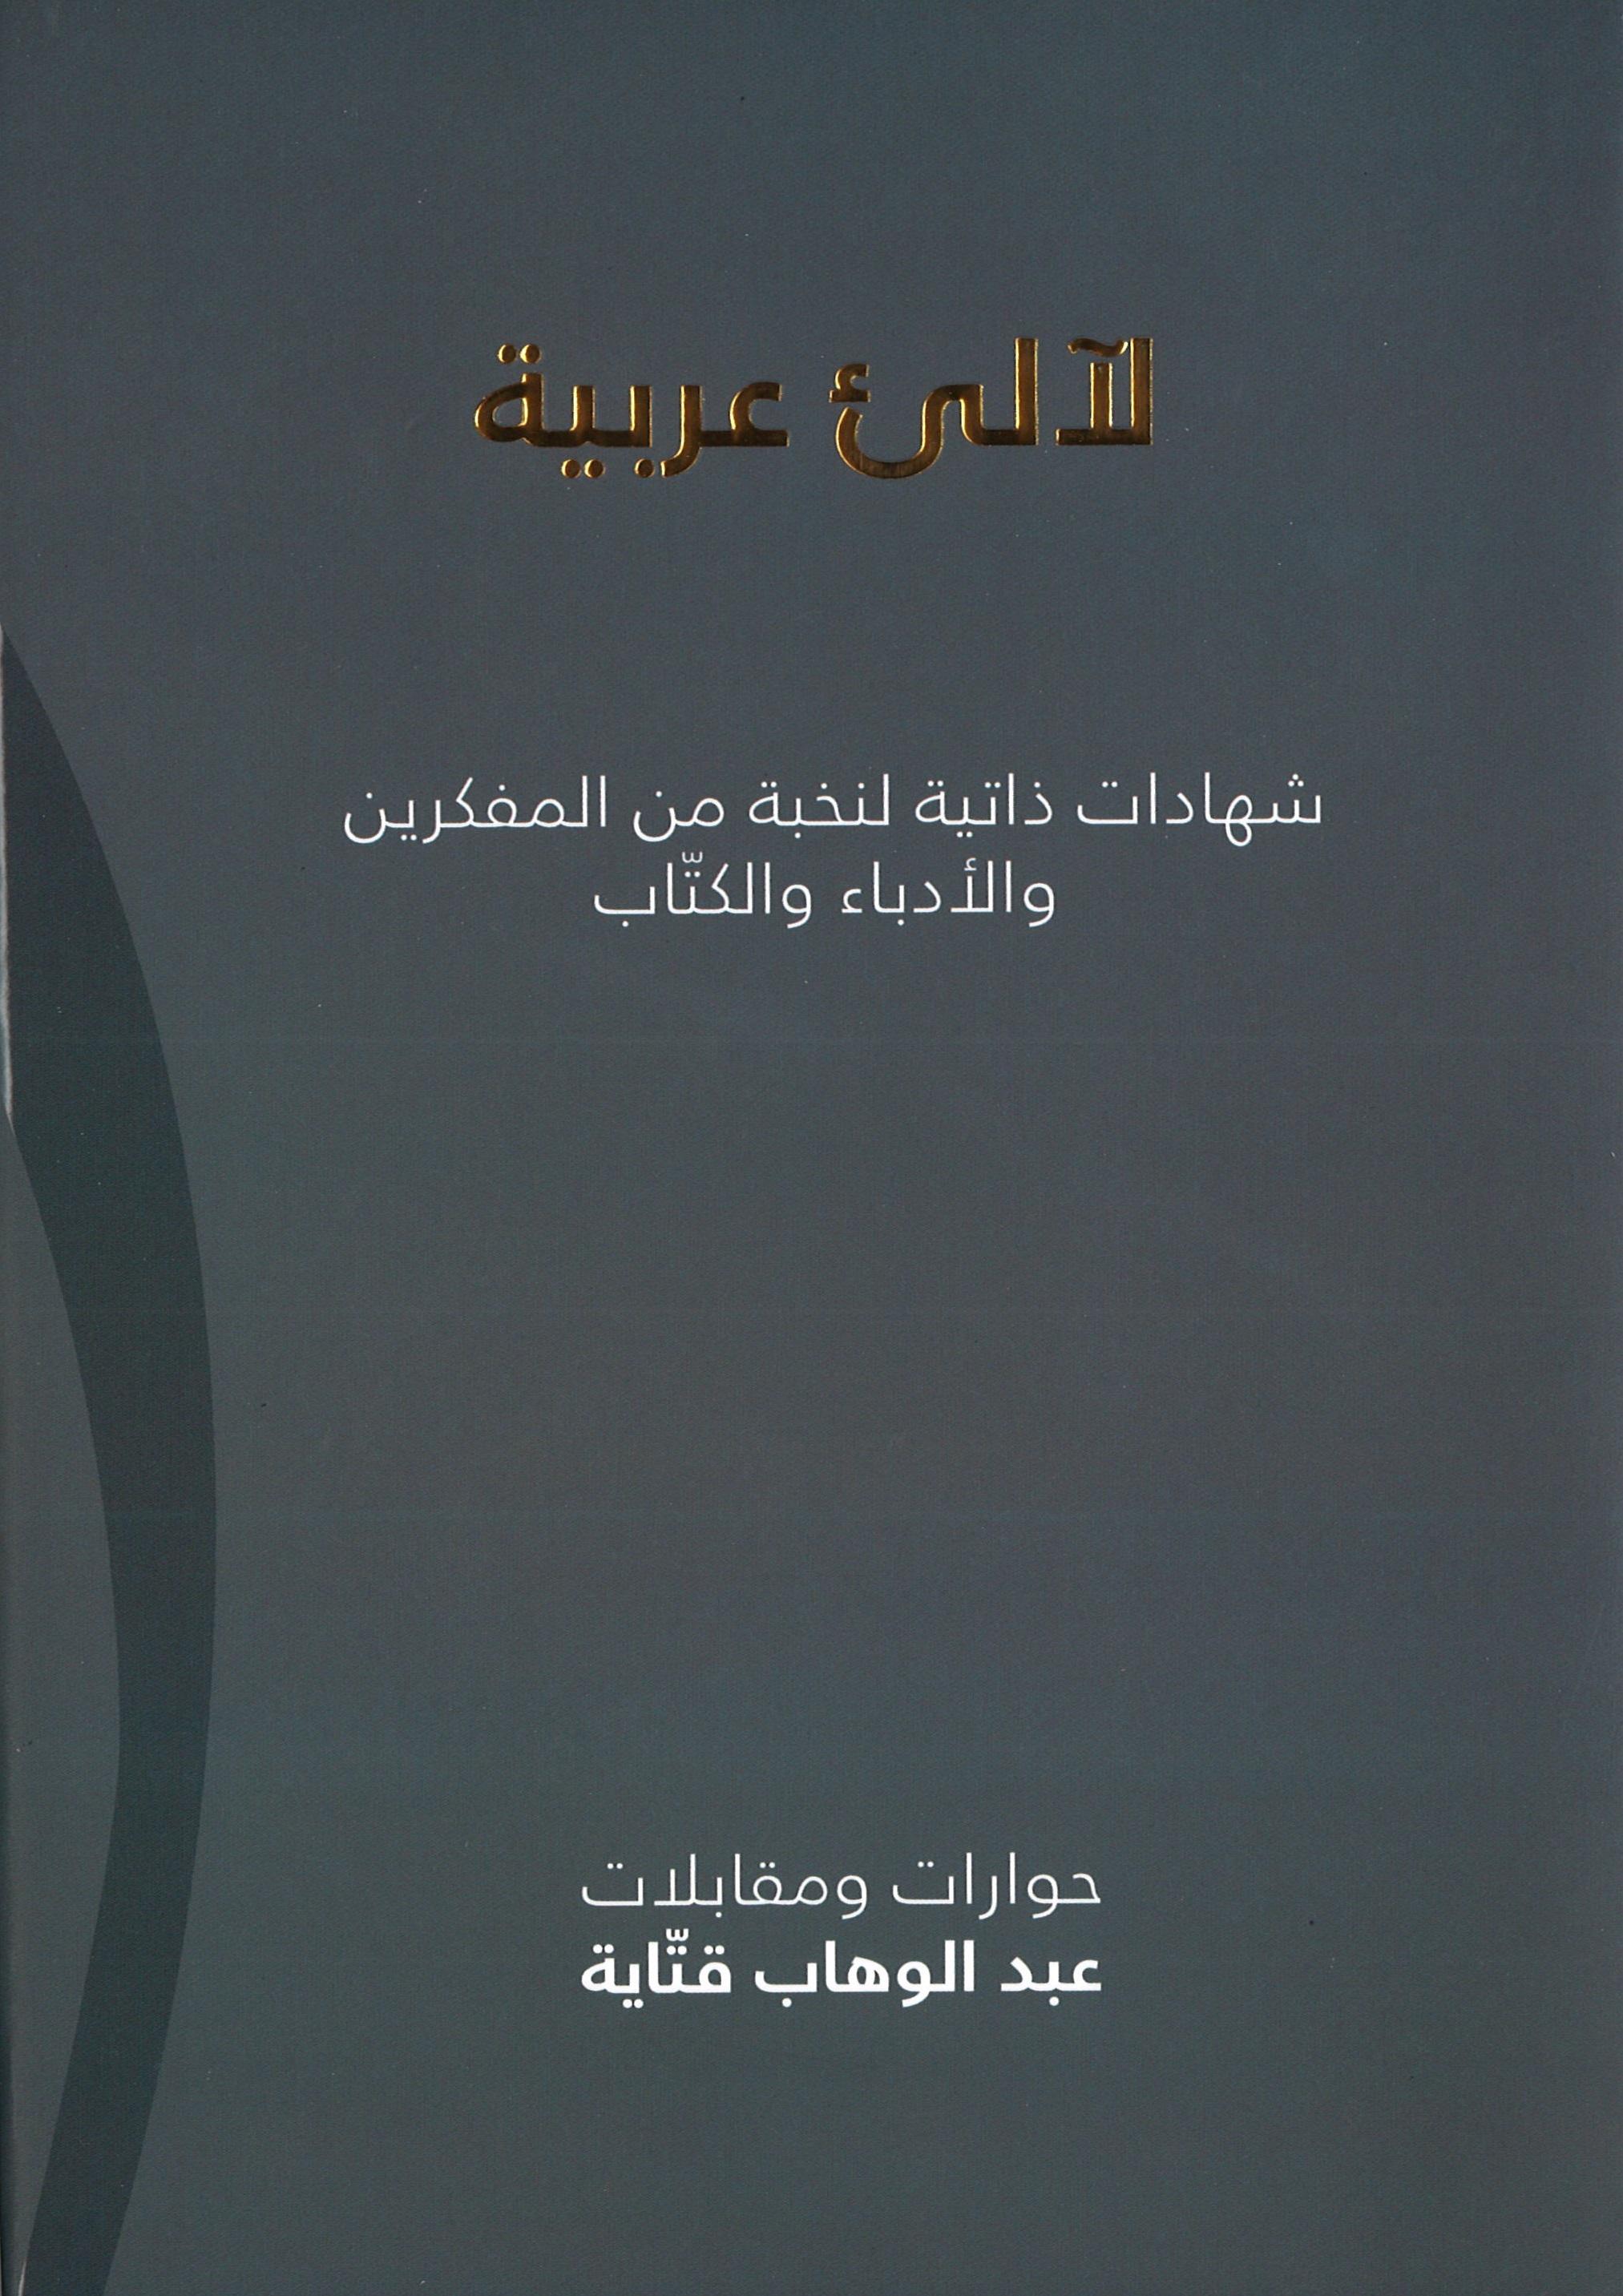 لآلئ عربية